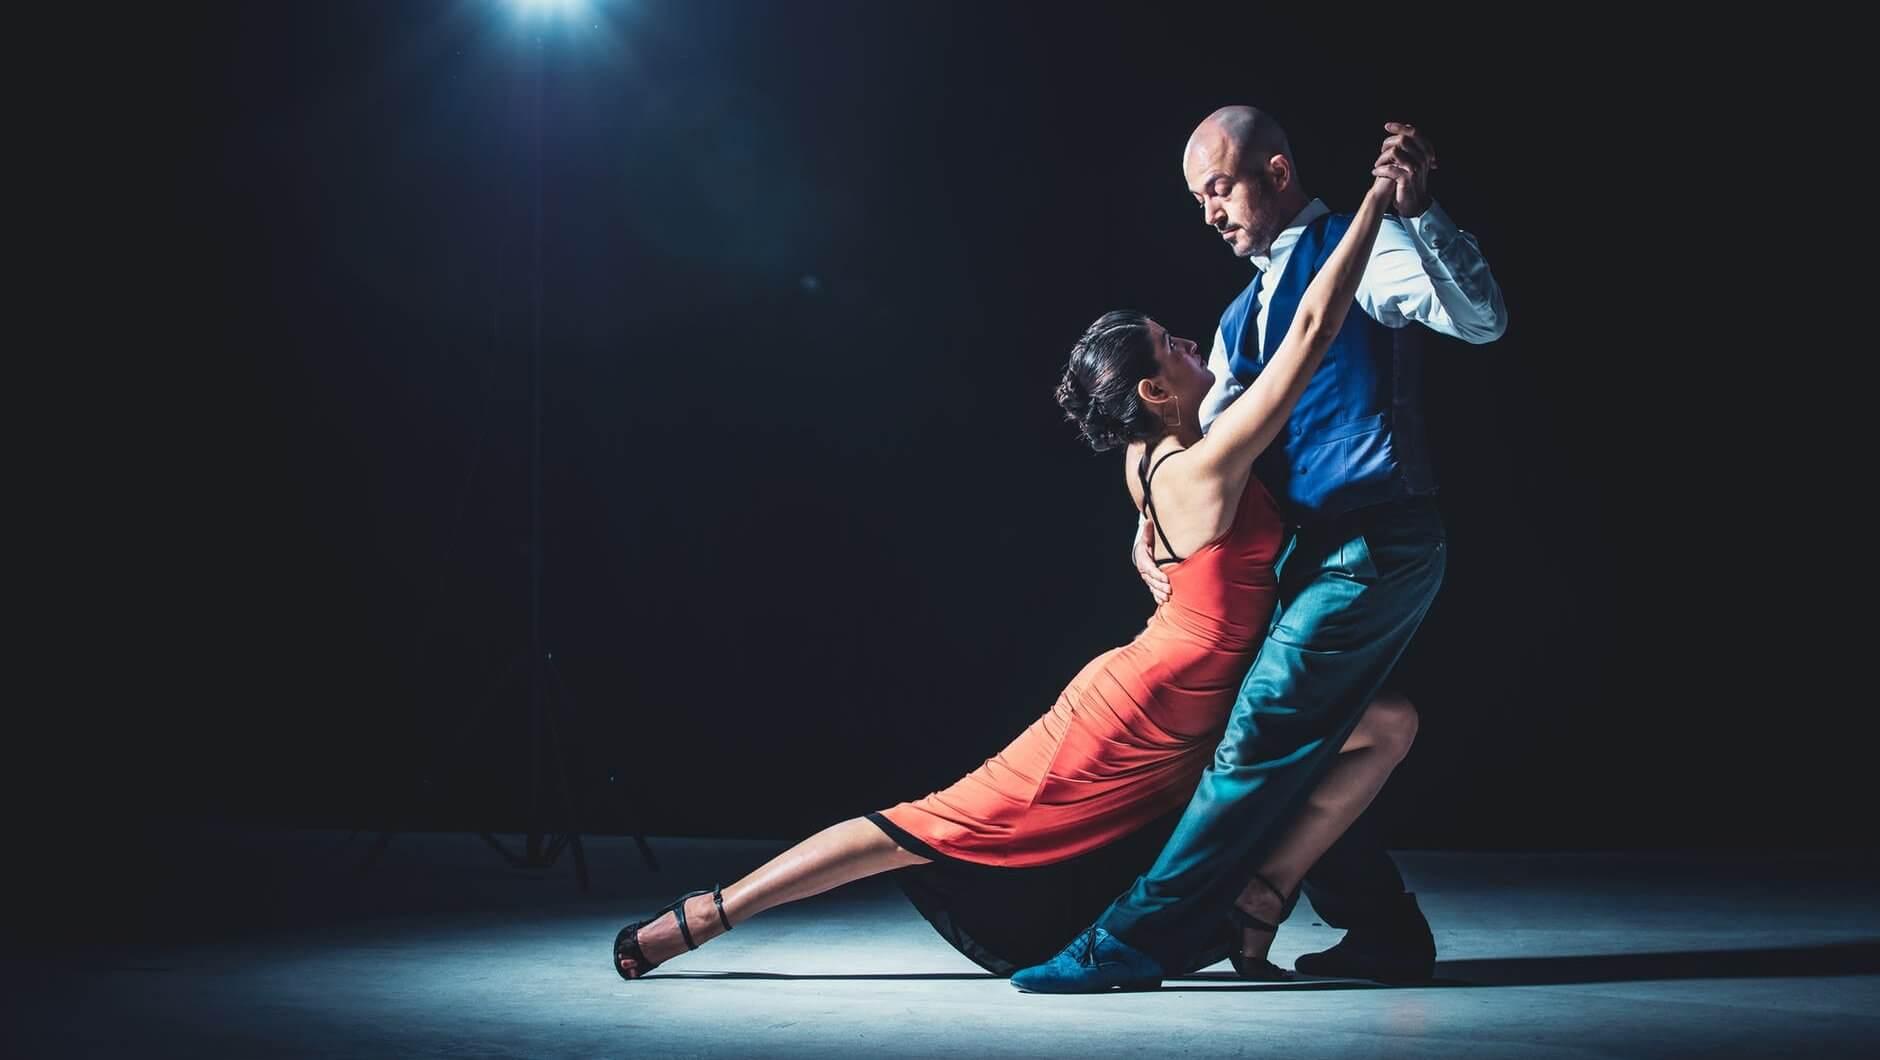 Turismo na Argentina: visite o país do tango